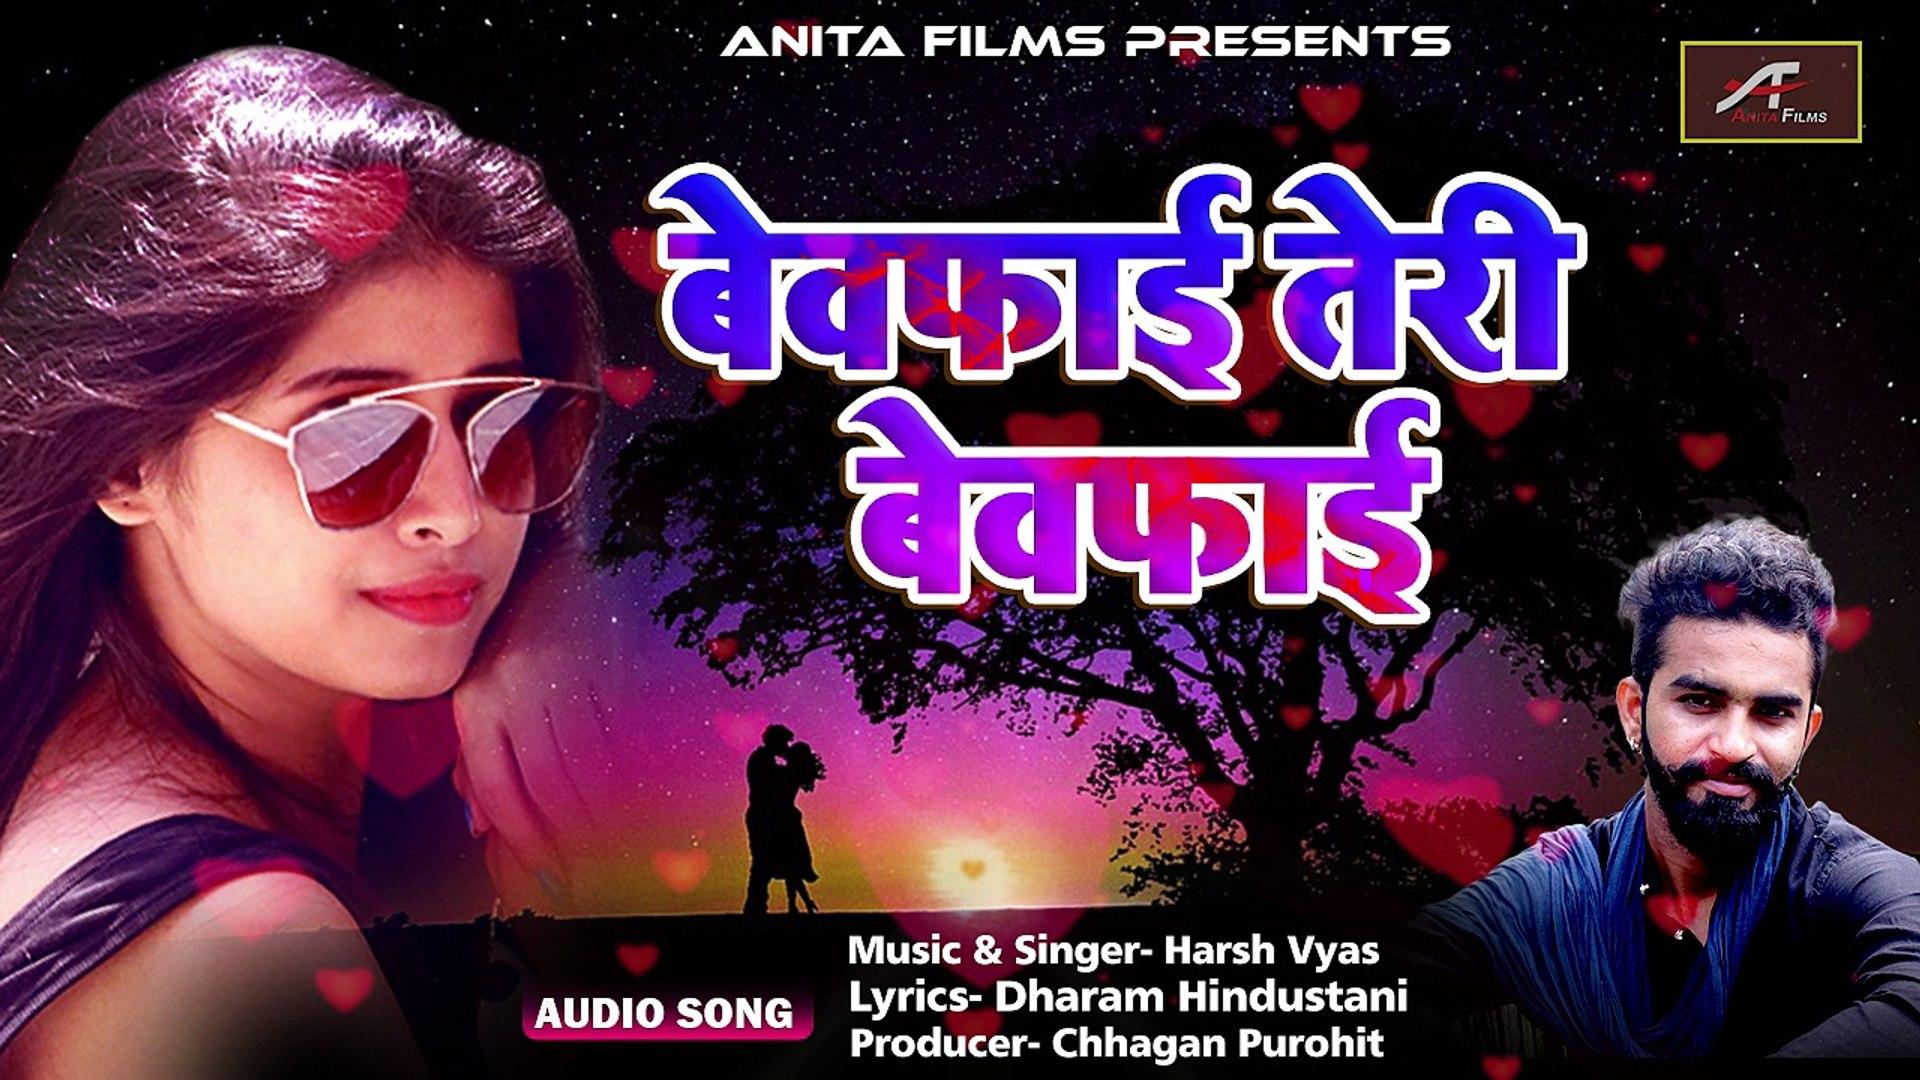 Bewafa New Song | Bewafai Teri Bewafai - FULL Audio | Official Song |  Qawwali - Sufi Song | New Hindi Sad Songs 2018 | Best Bollywood Album Song  - video dailymotion